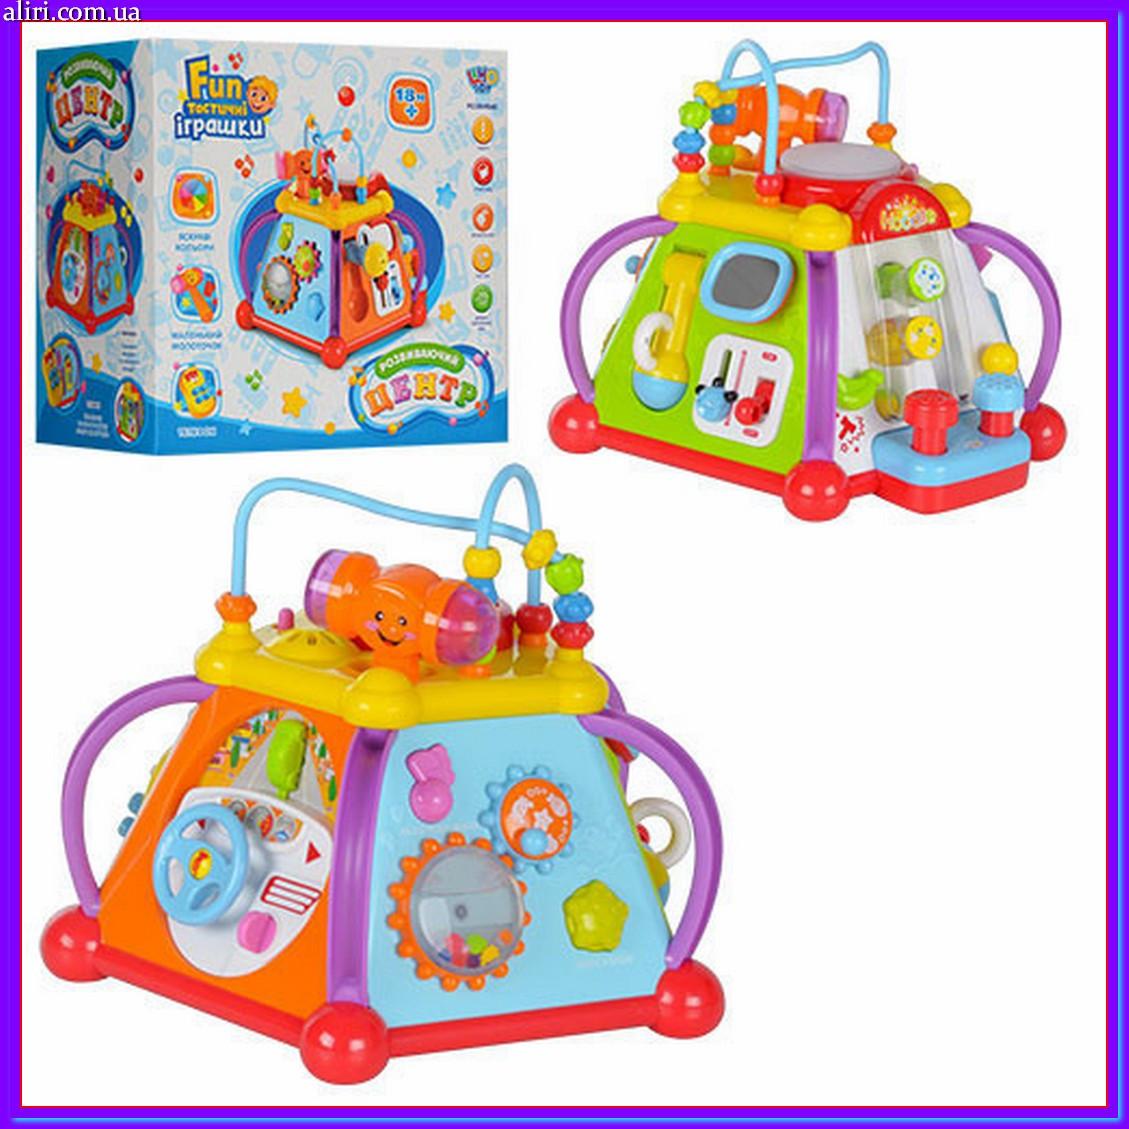 Музыкальная развивающая игрушка Мультибокс 15 игр для малышей